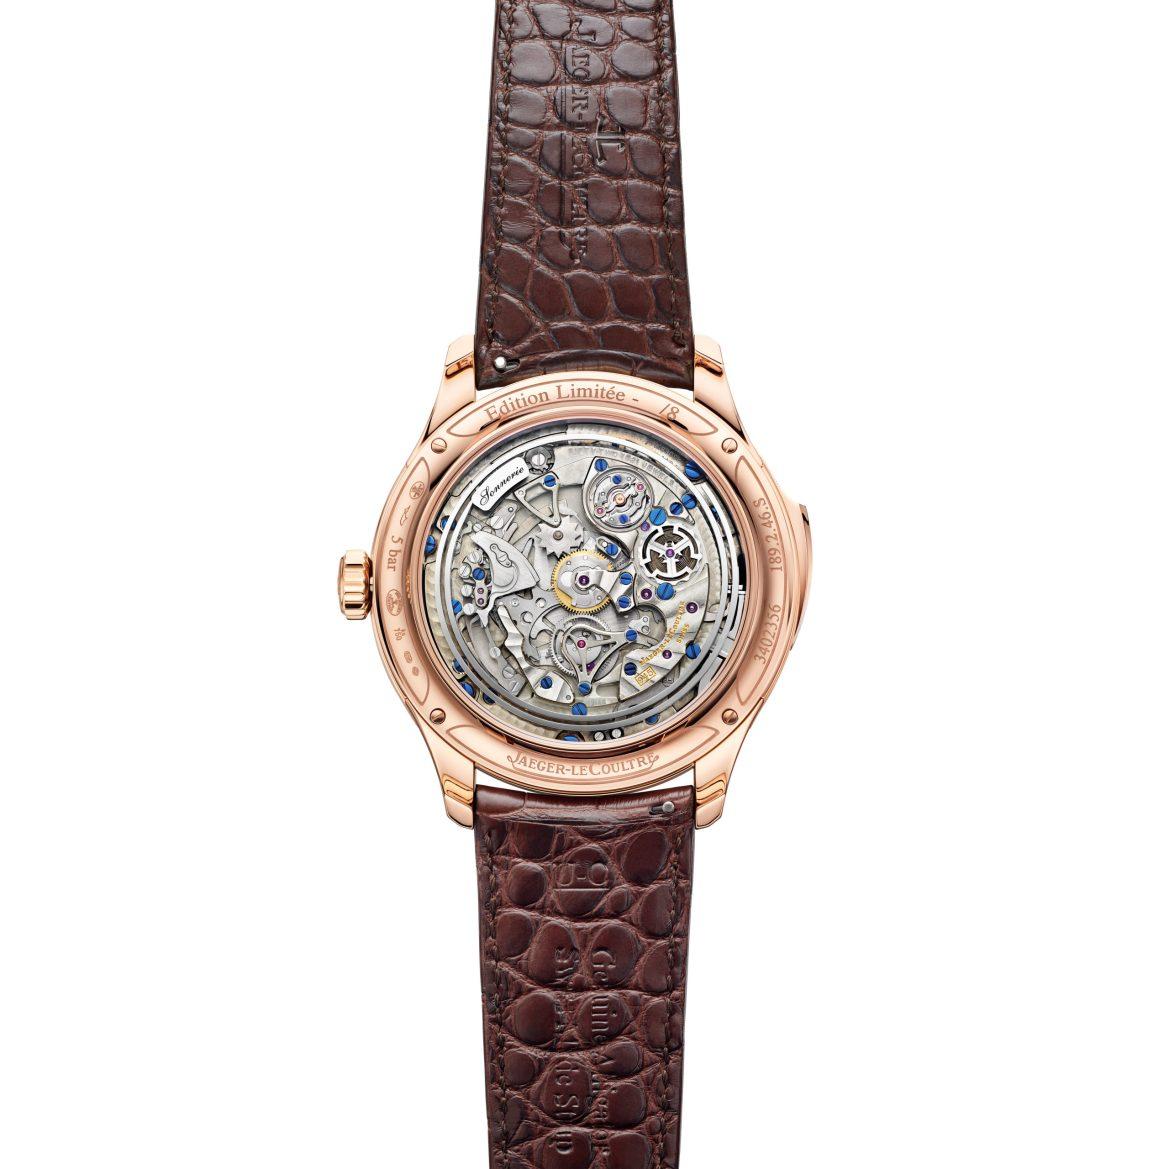 Versión de oro rosa, limitada a 8 piezas: Q5262460